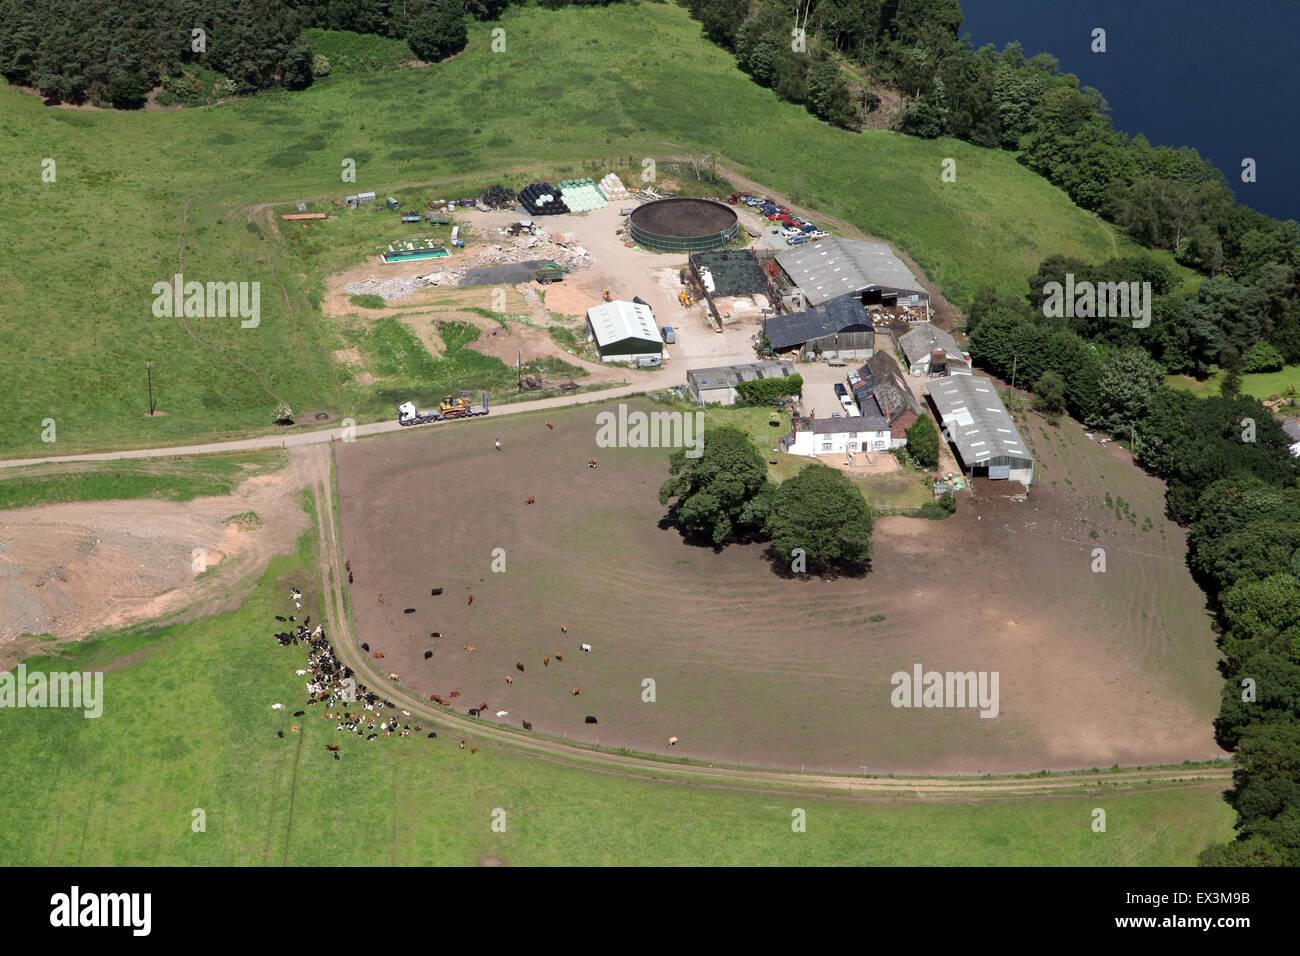 Vista aérea de una granja de vacas lecheras de Cheshire y edificios agrícolas, UK Imagen De Stock